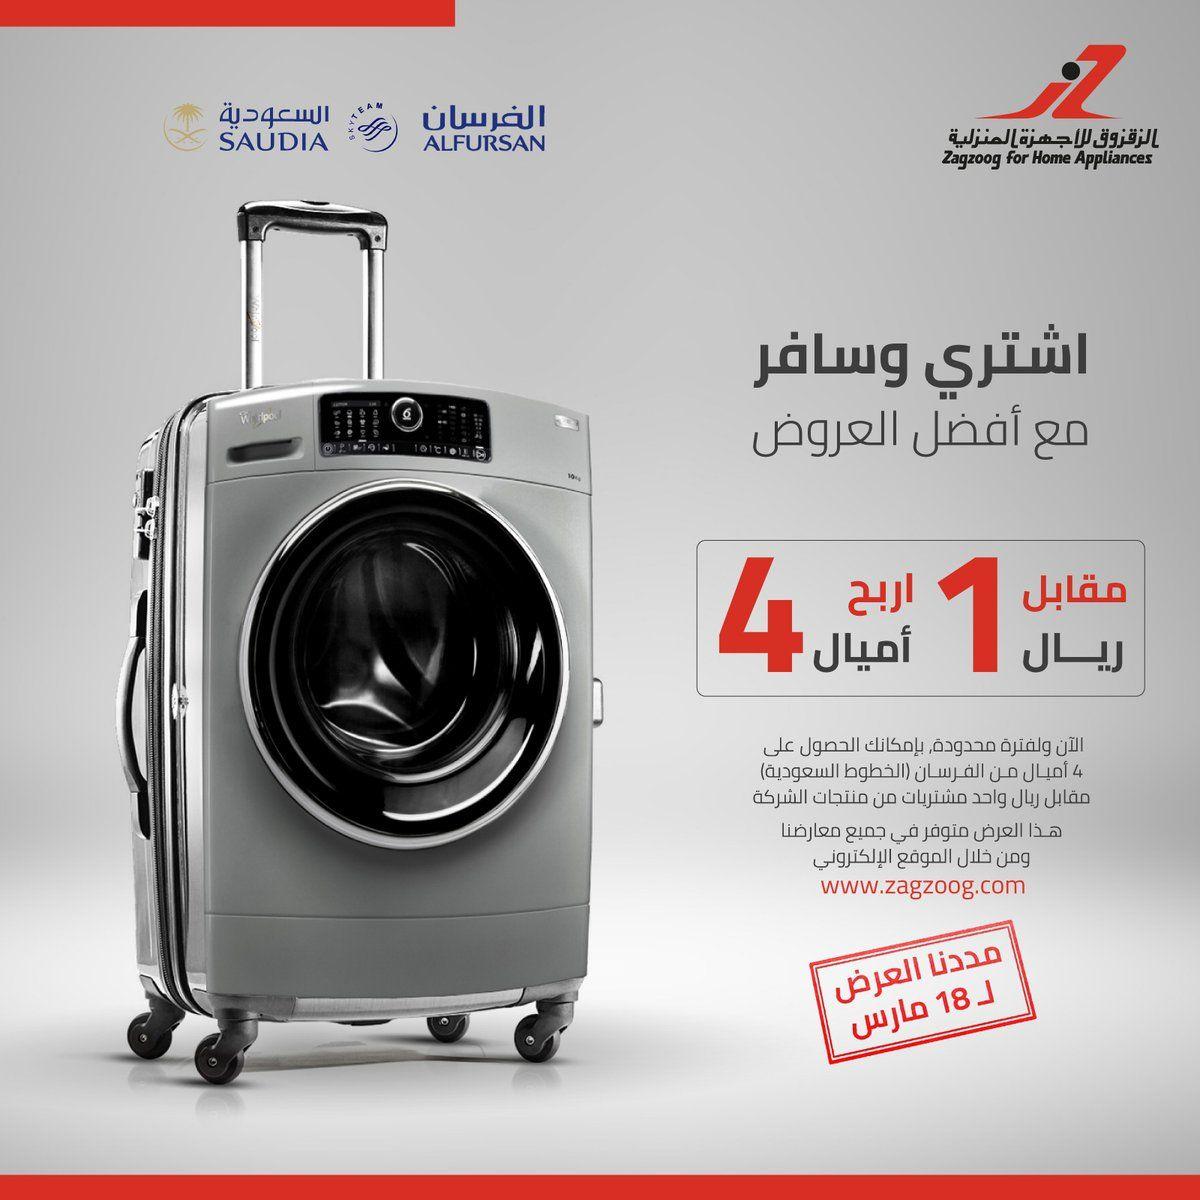 عروض شركة الزقزوق للأجهزة السعودية ليوم الأحد الموافق 11 مارس وحتى 17 مارس 2018 Appliances Home Appliances Washing Machine